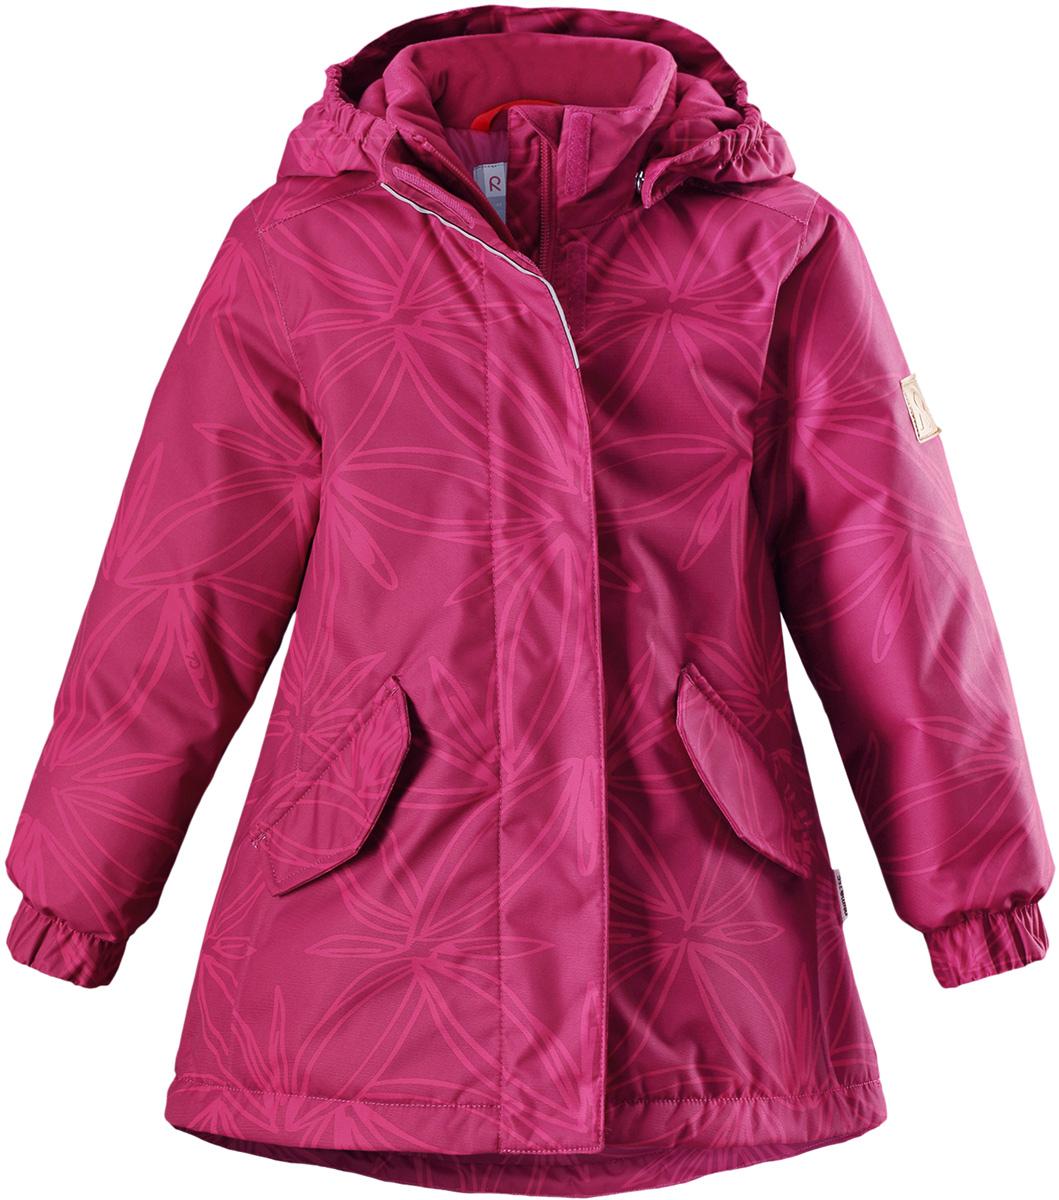 Куртка для девочки Reima Reimatec Jousi, цвет: розовый. 5215123926. Размер 1165215123926Детская зимняя куртка Reimatec изготовлена из износостойкого, водо- и ветронепроницаемого, дышащего материала с водо- и грязеотталкивающей поверхностью. Основные швы в куртке проклеены и водонепроницаемы, поэтому неожиданный снегопад или дождь не помешает веселым играм на свежем воздухе! Эта куртка с подкладкой из гладкого полиэстера легко надевается, и ее очень удобно носить. Благодаря регулируемой талии и подолу эта куртка прямого кроя отлично сидит по фигуре. Капюшон снабжен кнопками. Это обеспечивает дополнительную безопасность во время активных прогулок – капюшон легко отстегивается, если случайно за что-нибудь зацепится. Эластичные манжеты, два передних кармана с клапанами и светоотражающие детали.Средняя степень утепления.